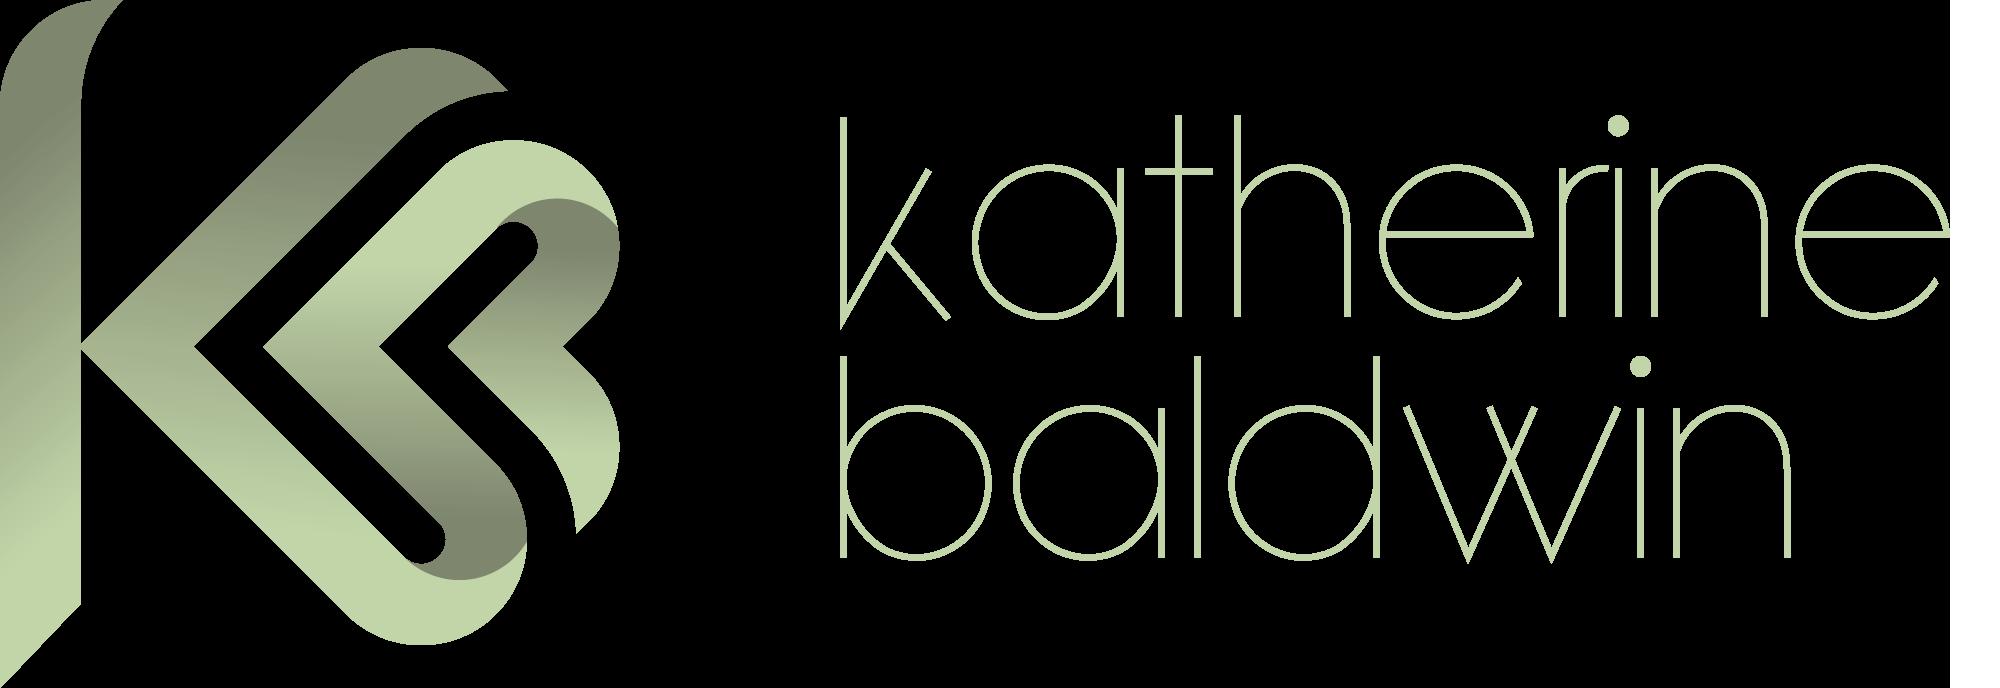 Courses by Katherine Baldwin